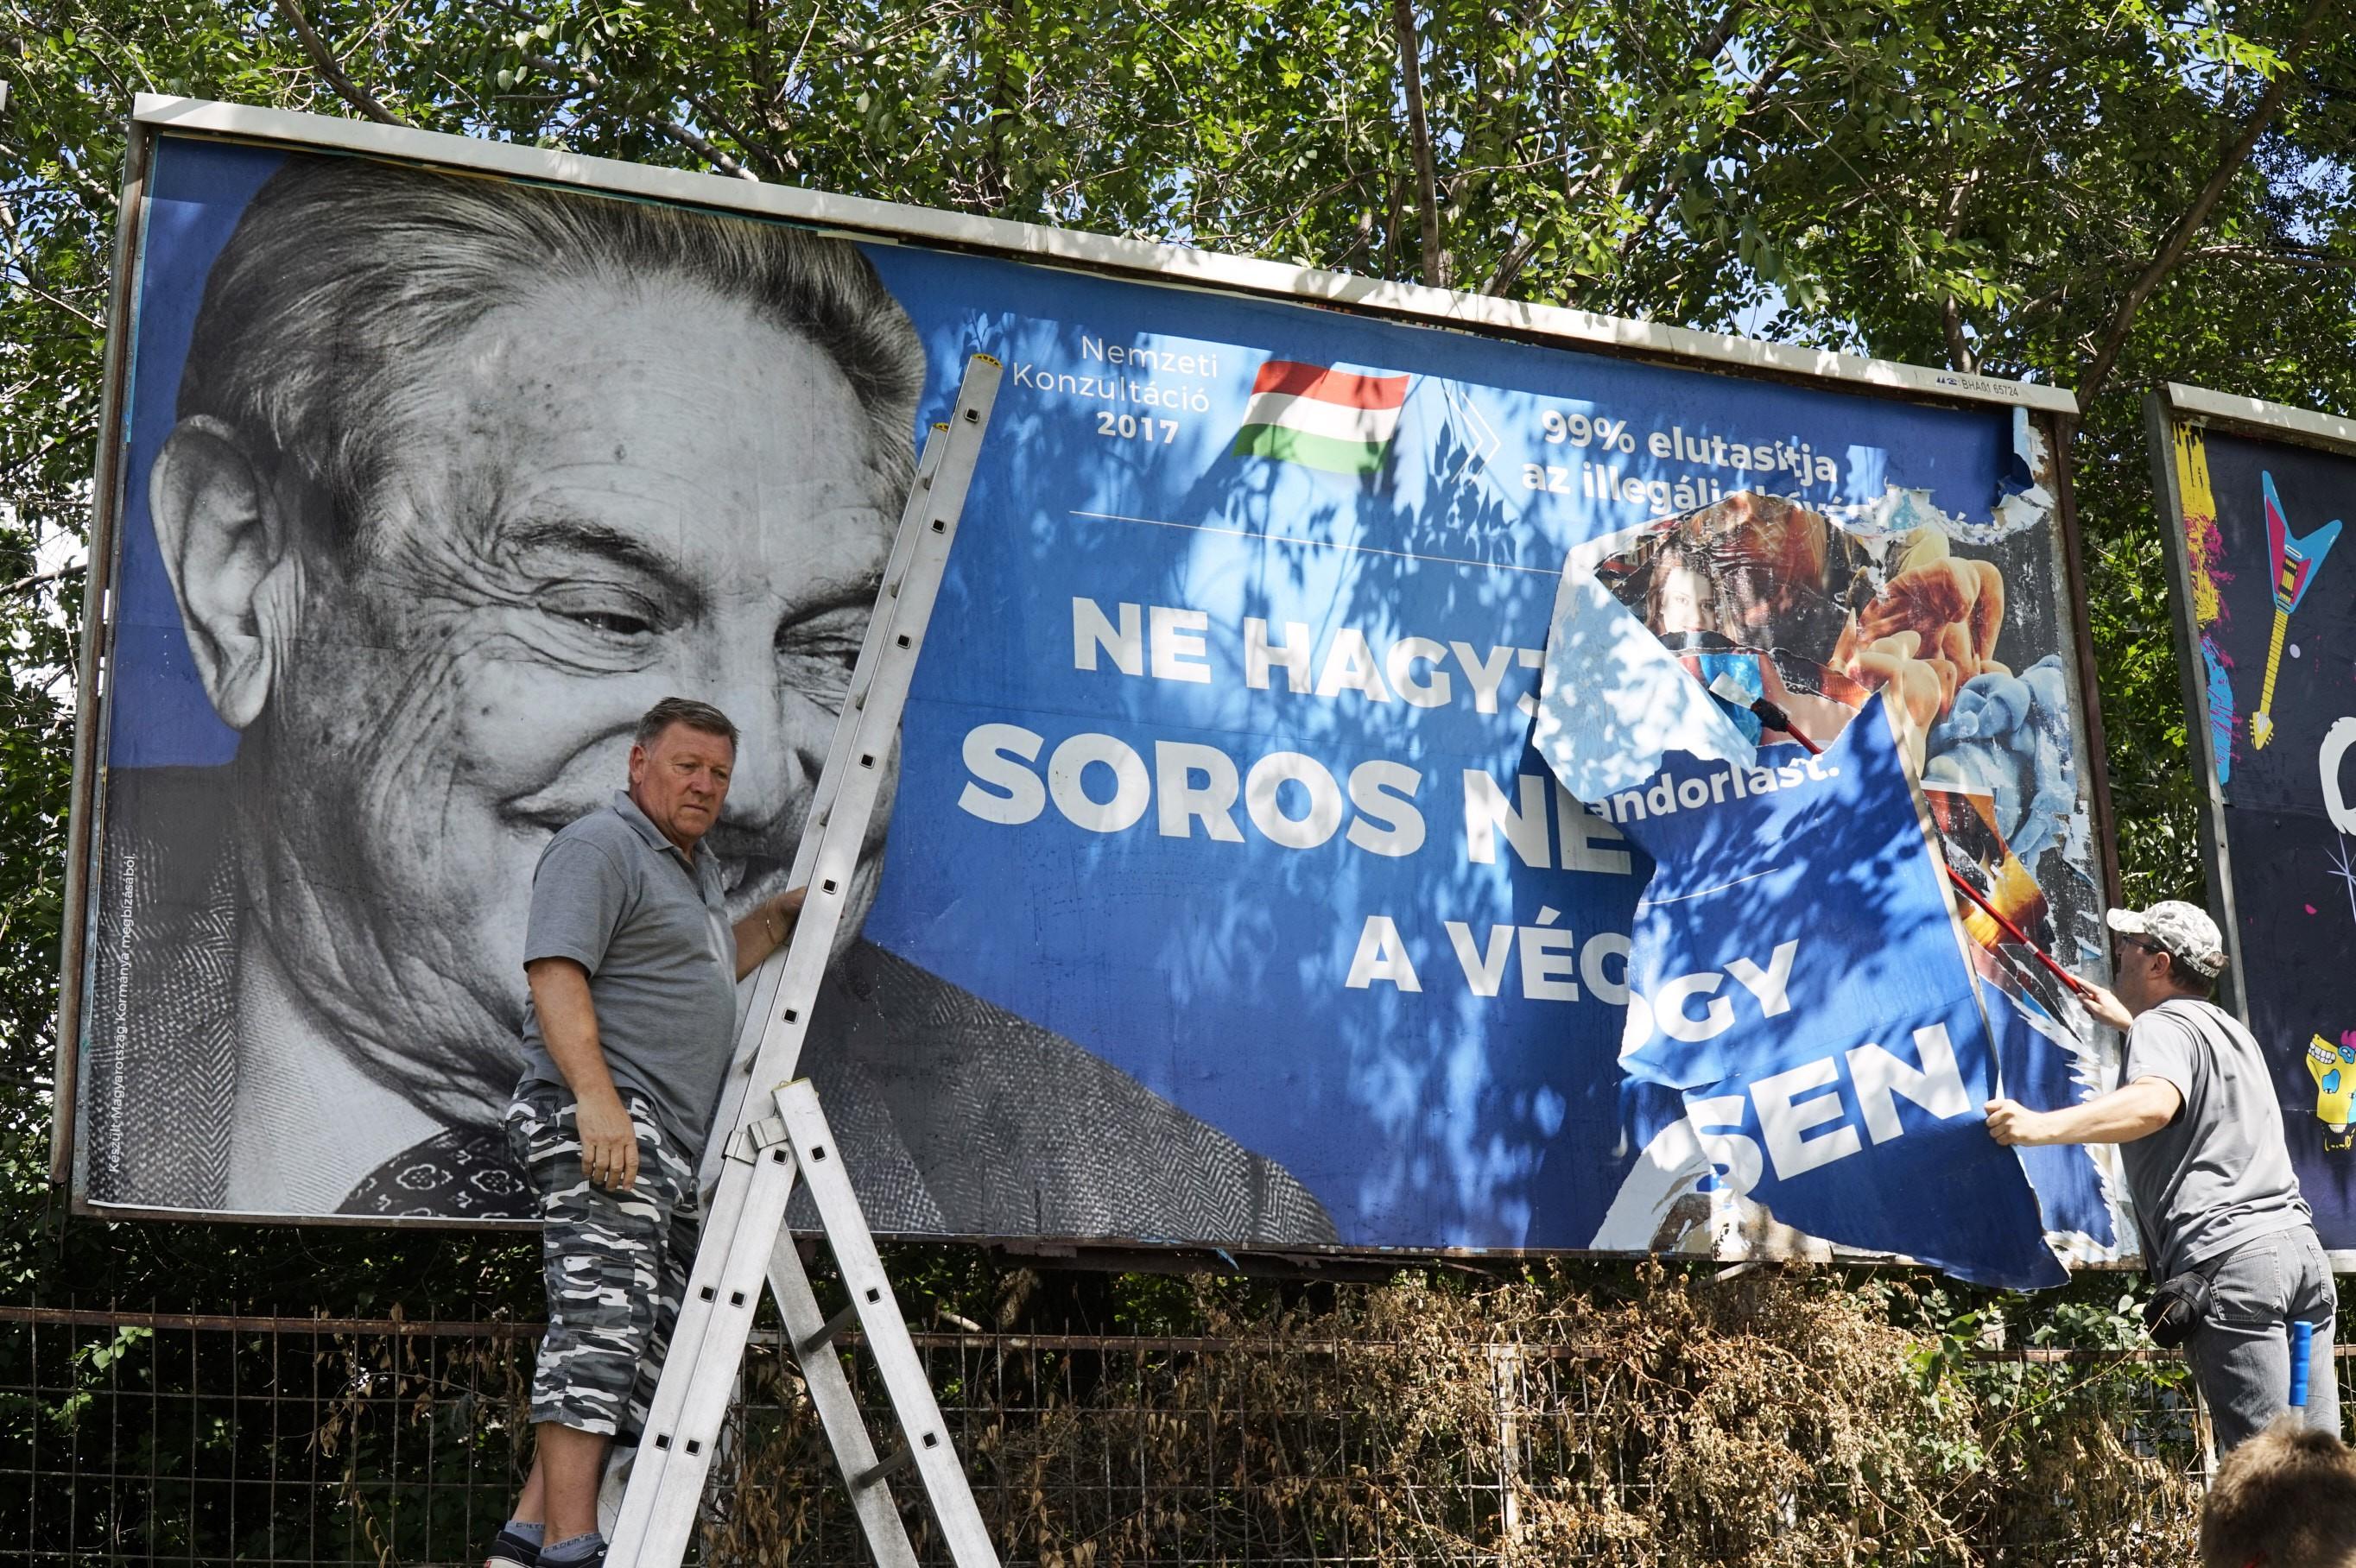 Debrecenben is letépkedték a kormány plakátját